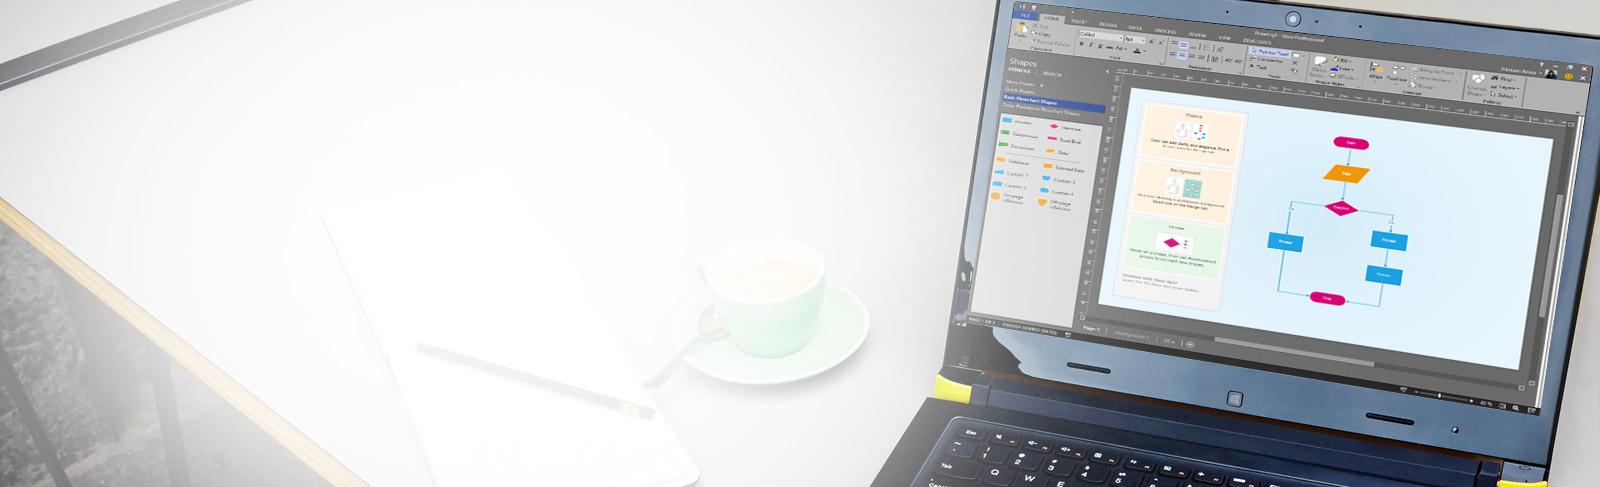 Detail prenosného počítača na stole zobrazujúceho diagram Visia spolu s pásom s nástrojmi a tablou, ktoré sú určené na vykonávanie úprav.